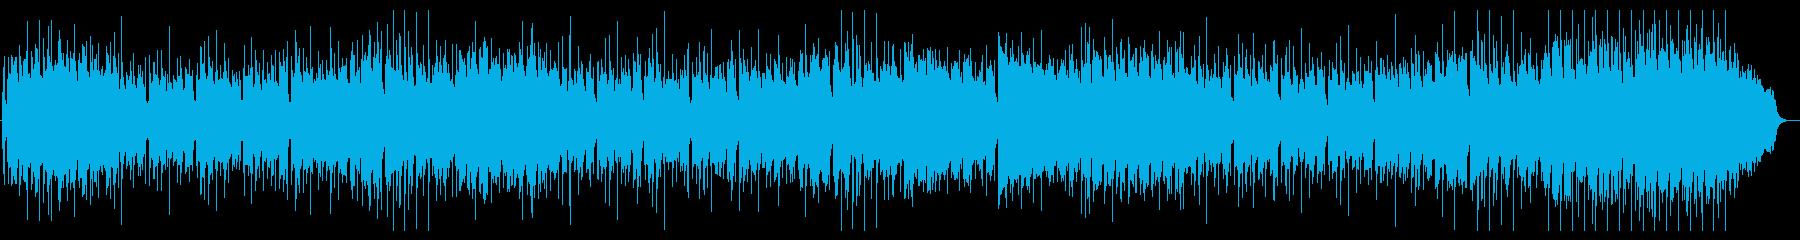 フレンチ/ワルツ/湖/水辺/ヨーロピアンの再生済みの波形